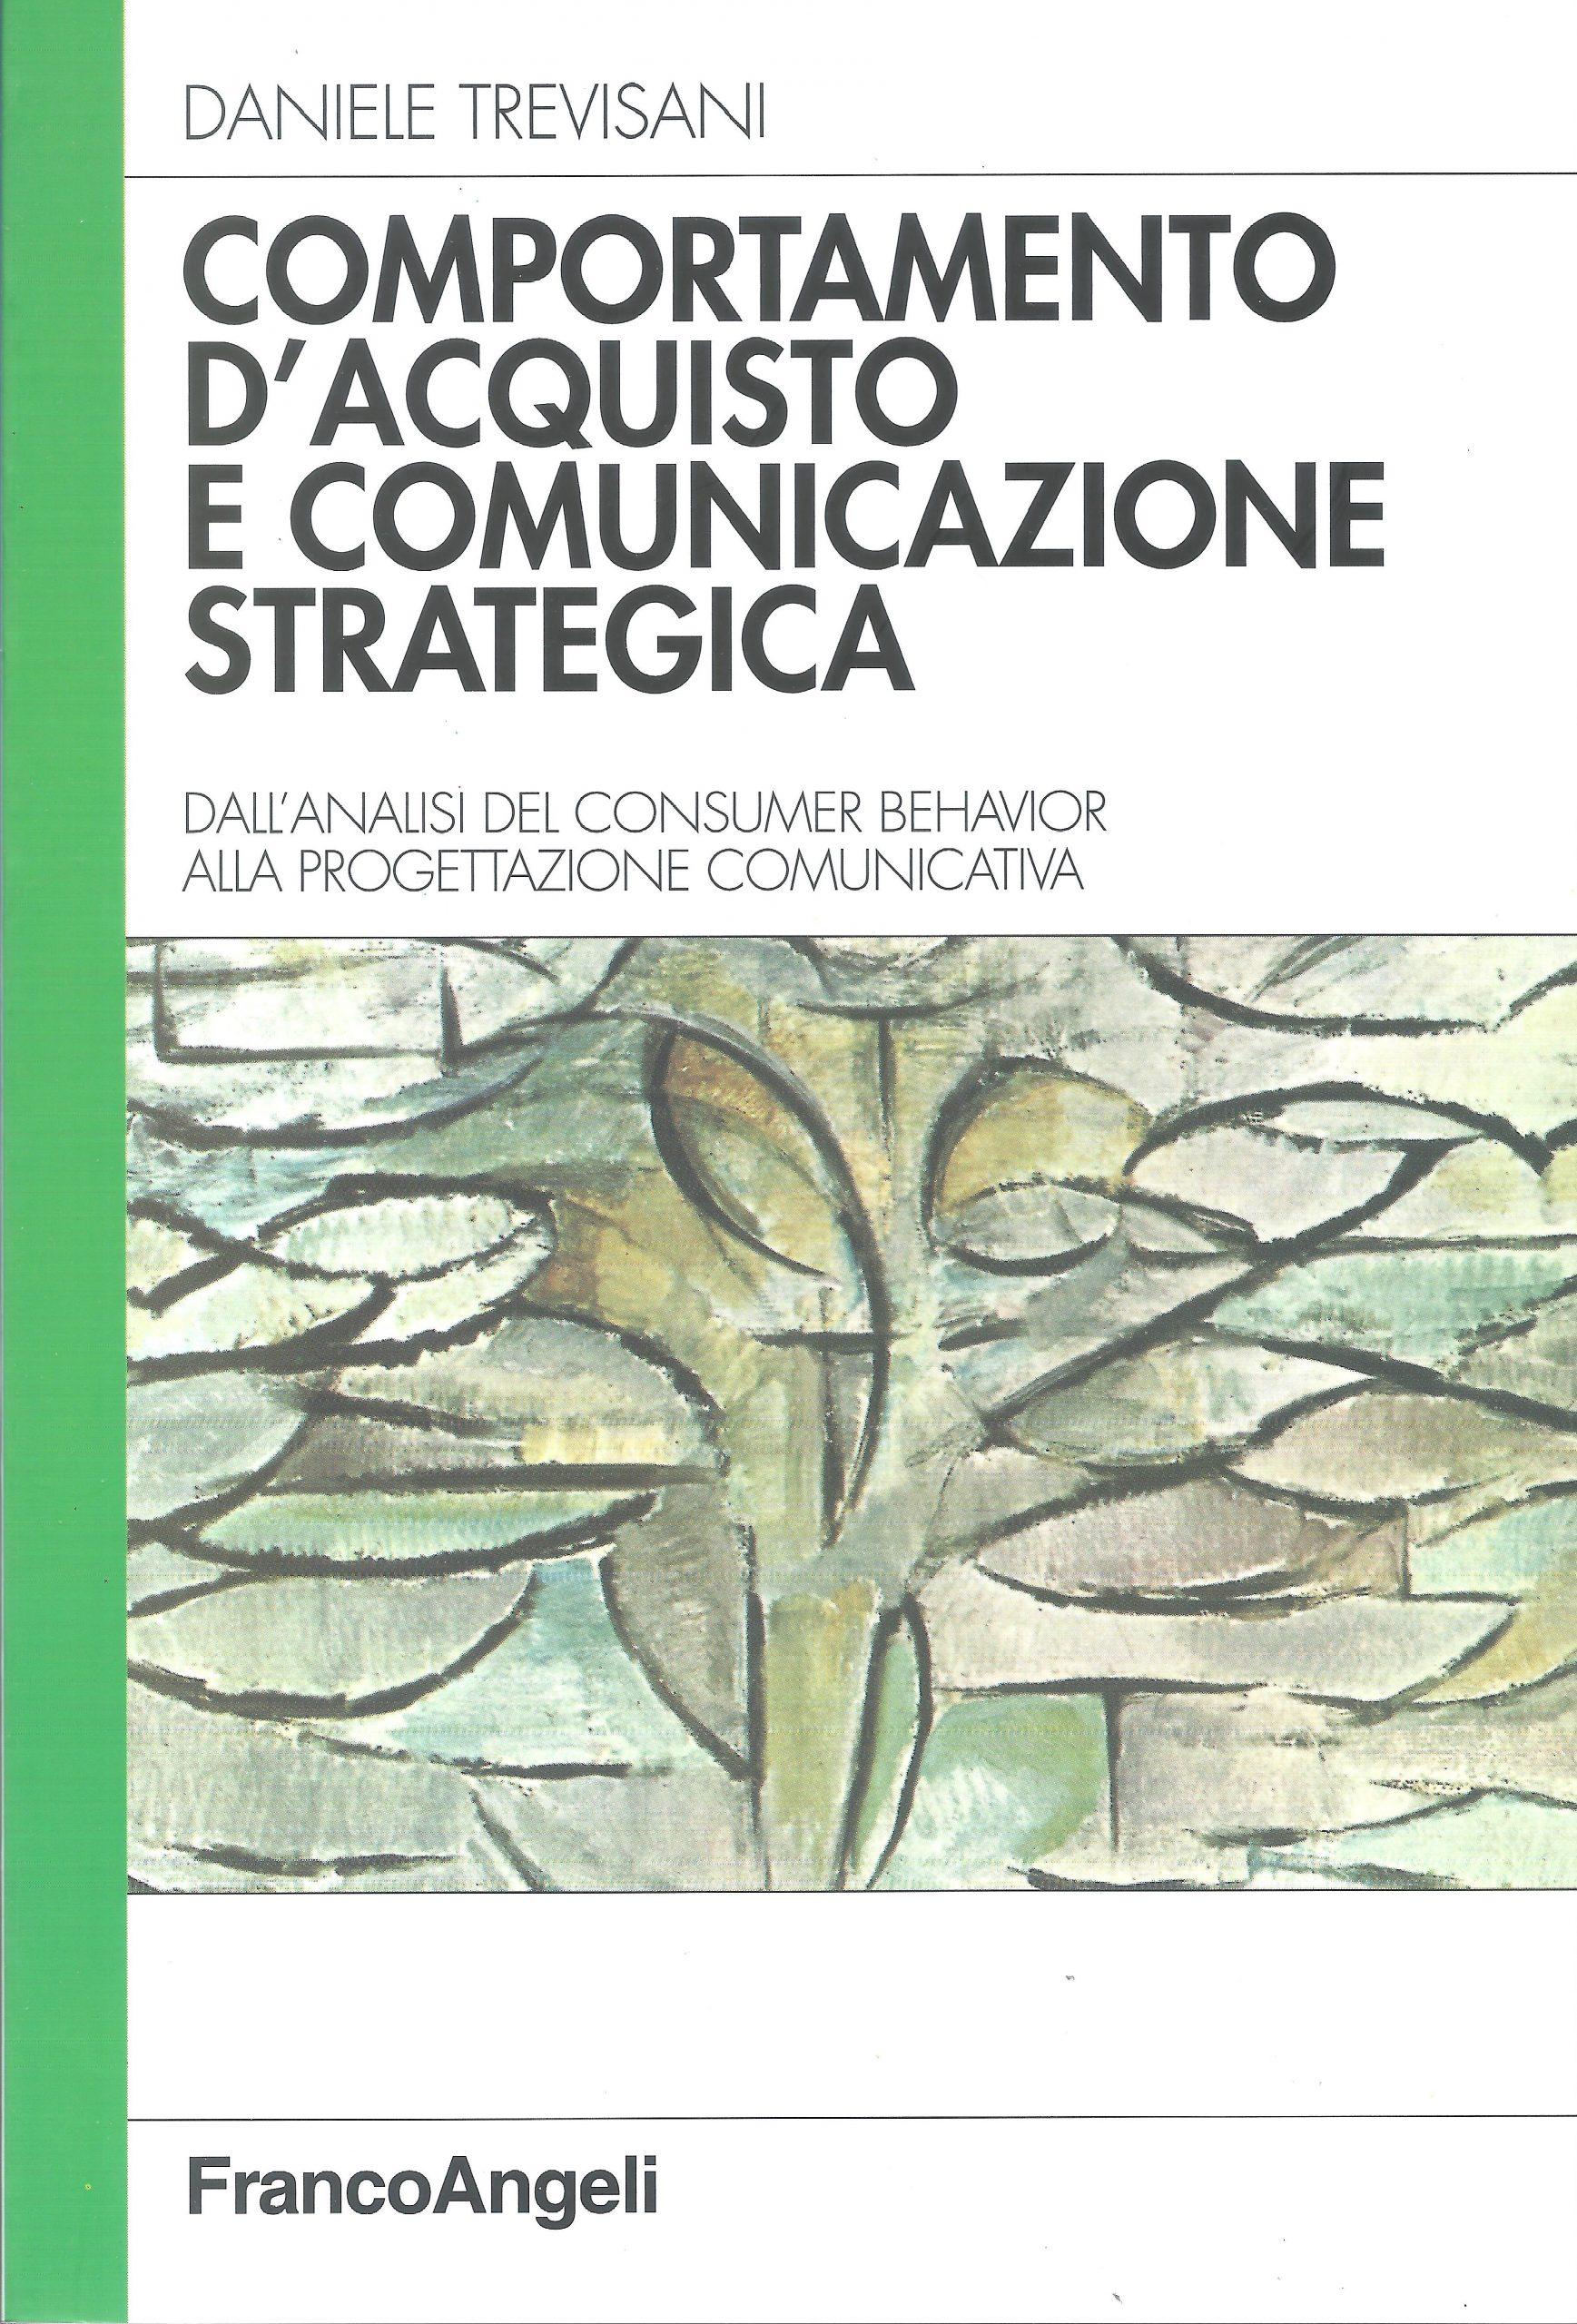 Comportamento d'acquisto e comunicazione strategica libro di Daniele Trevisani